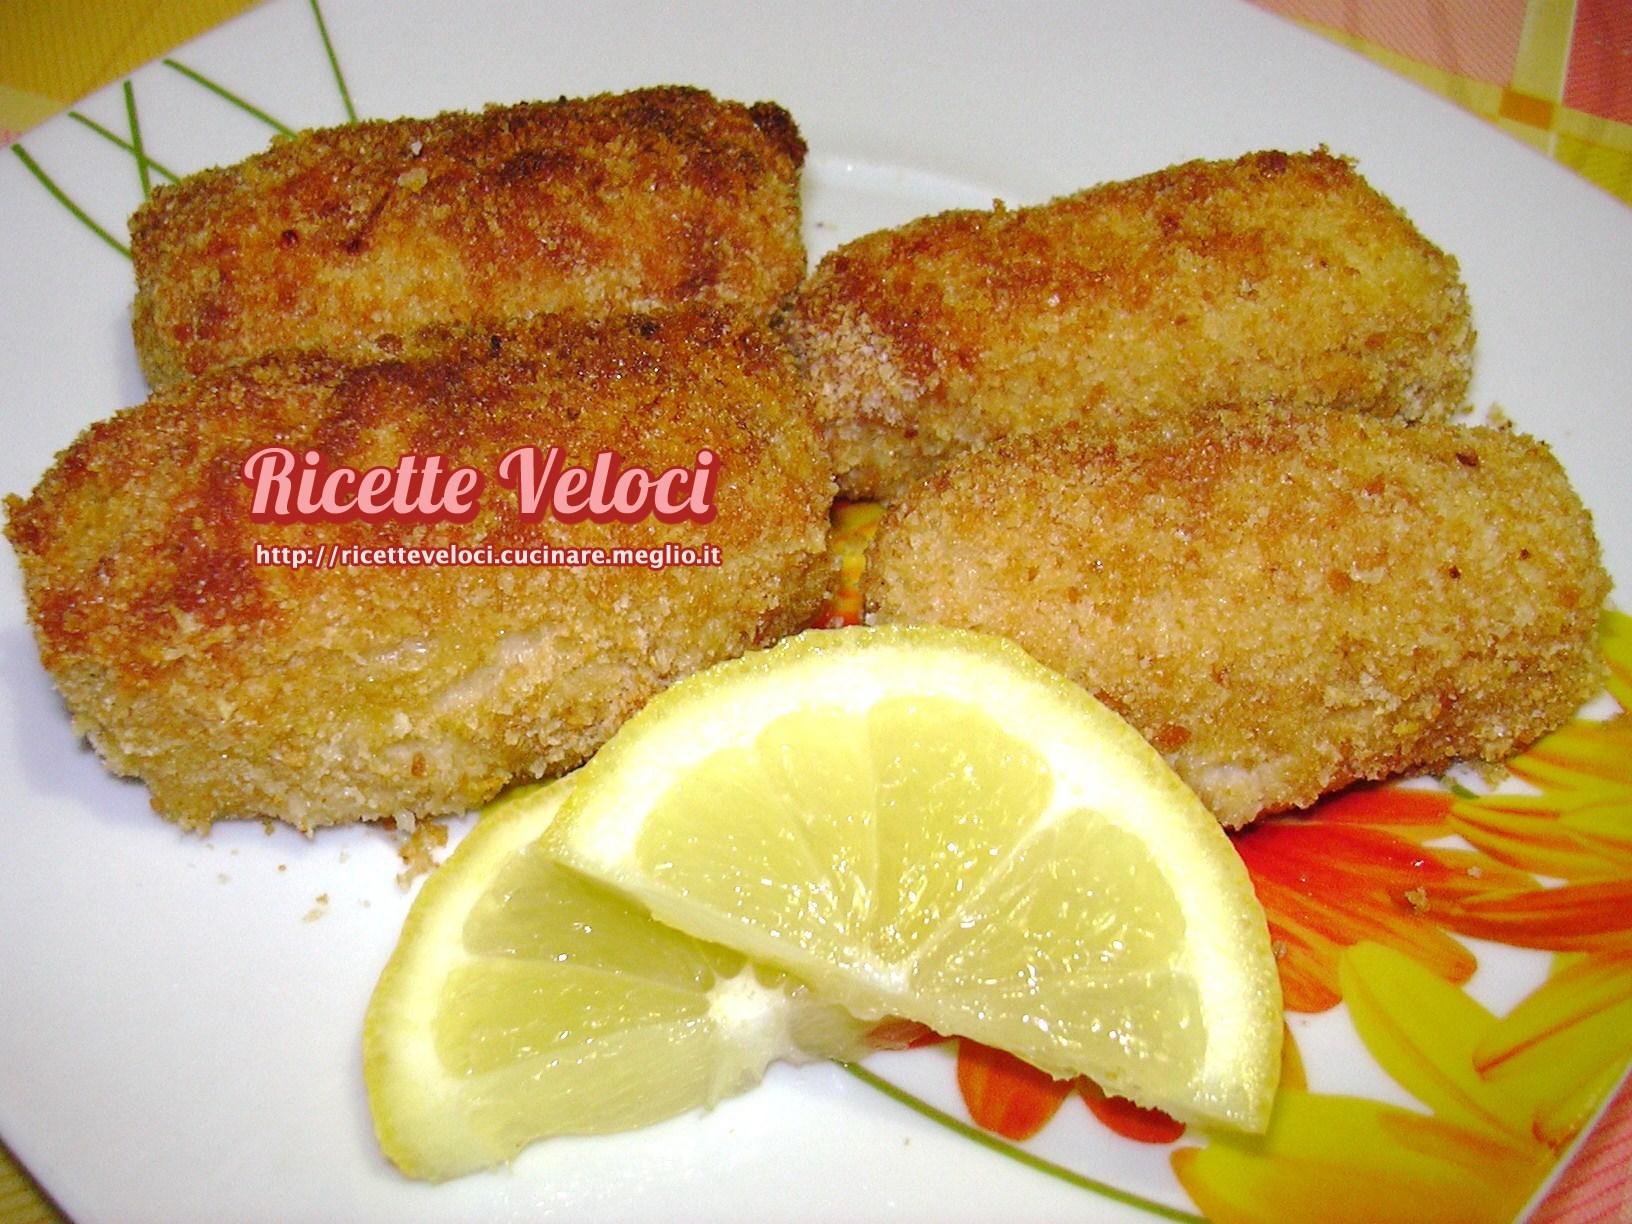 Filetti di nasello con panatura croccante al limone for Cucinare nasello